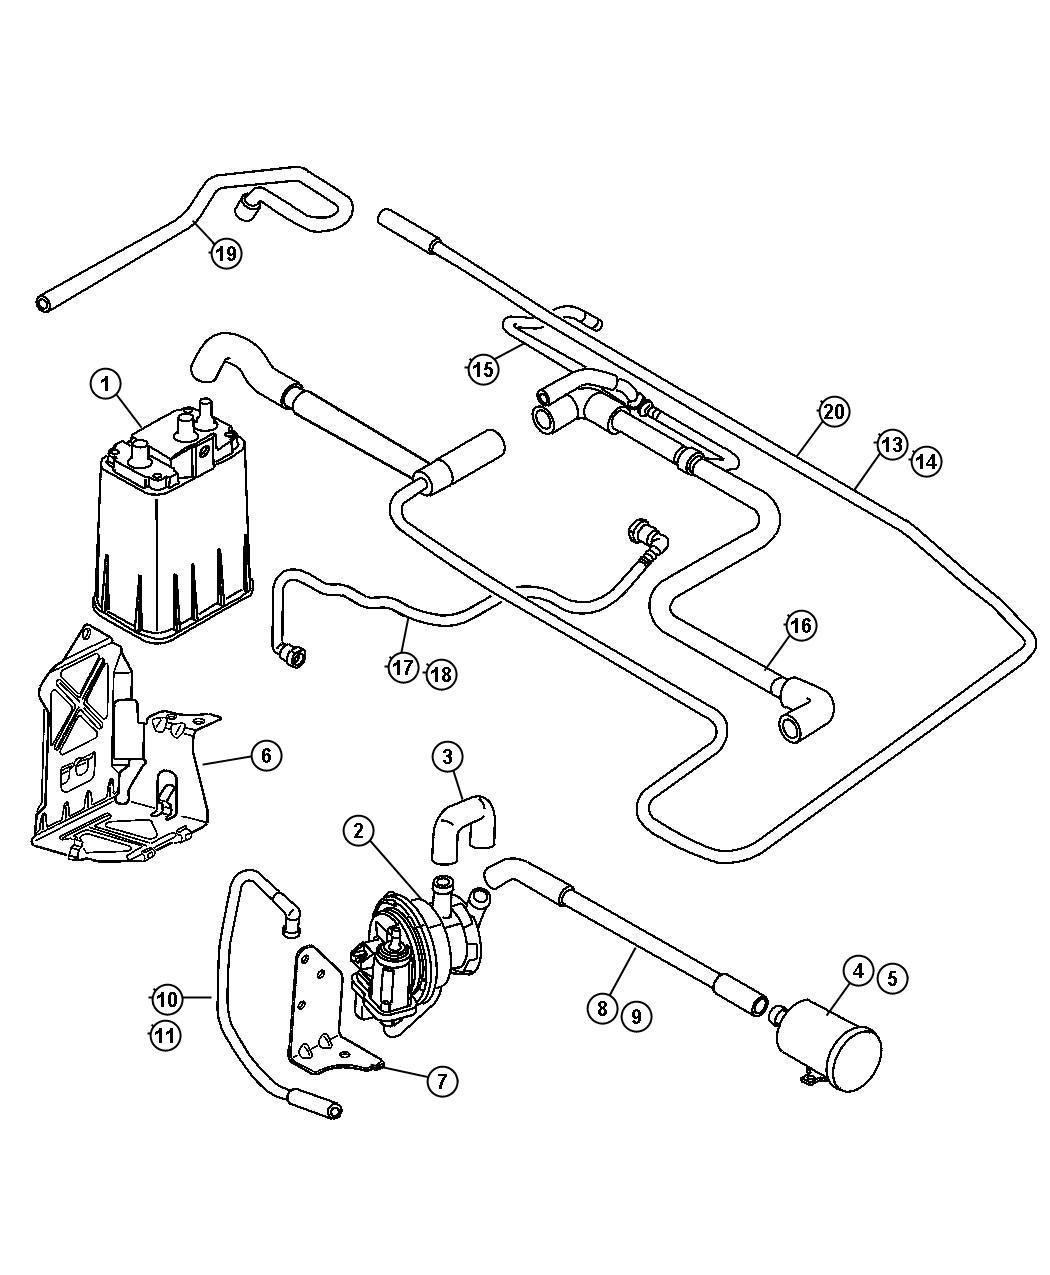 Chrysler Pt Cruiser Tube. Nvld to fuel vapor vent filter